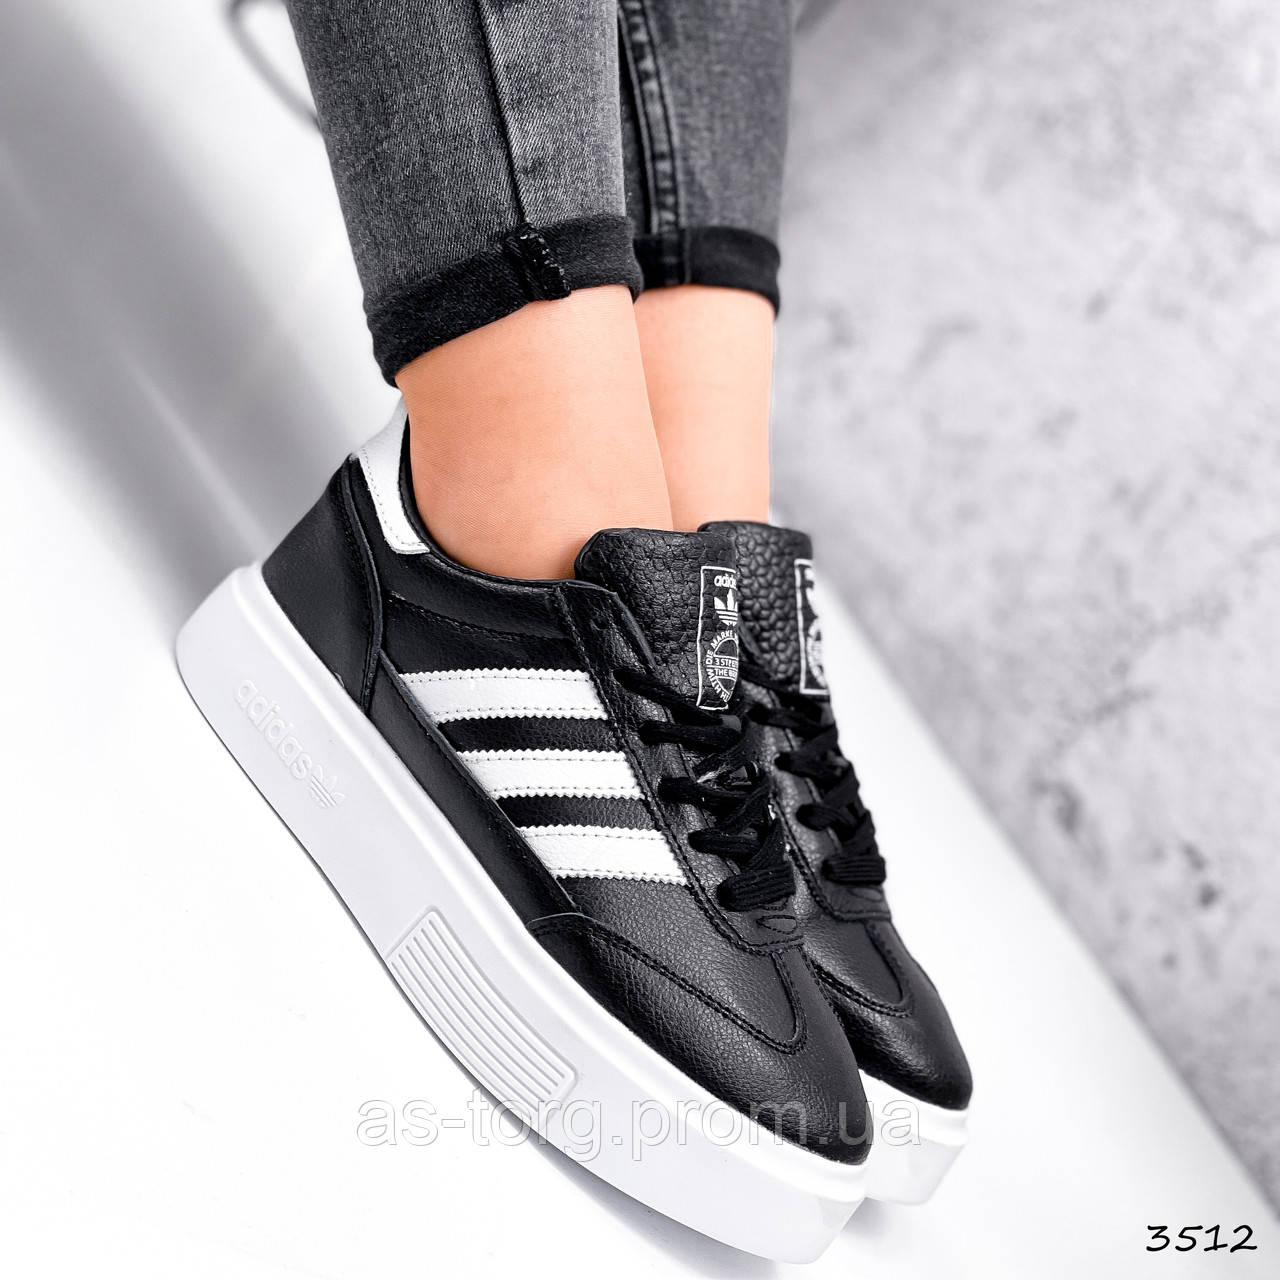 Кросівки жіночі Adis чорні + білий 3512